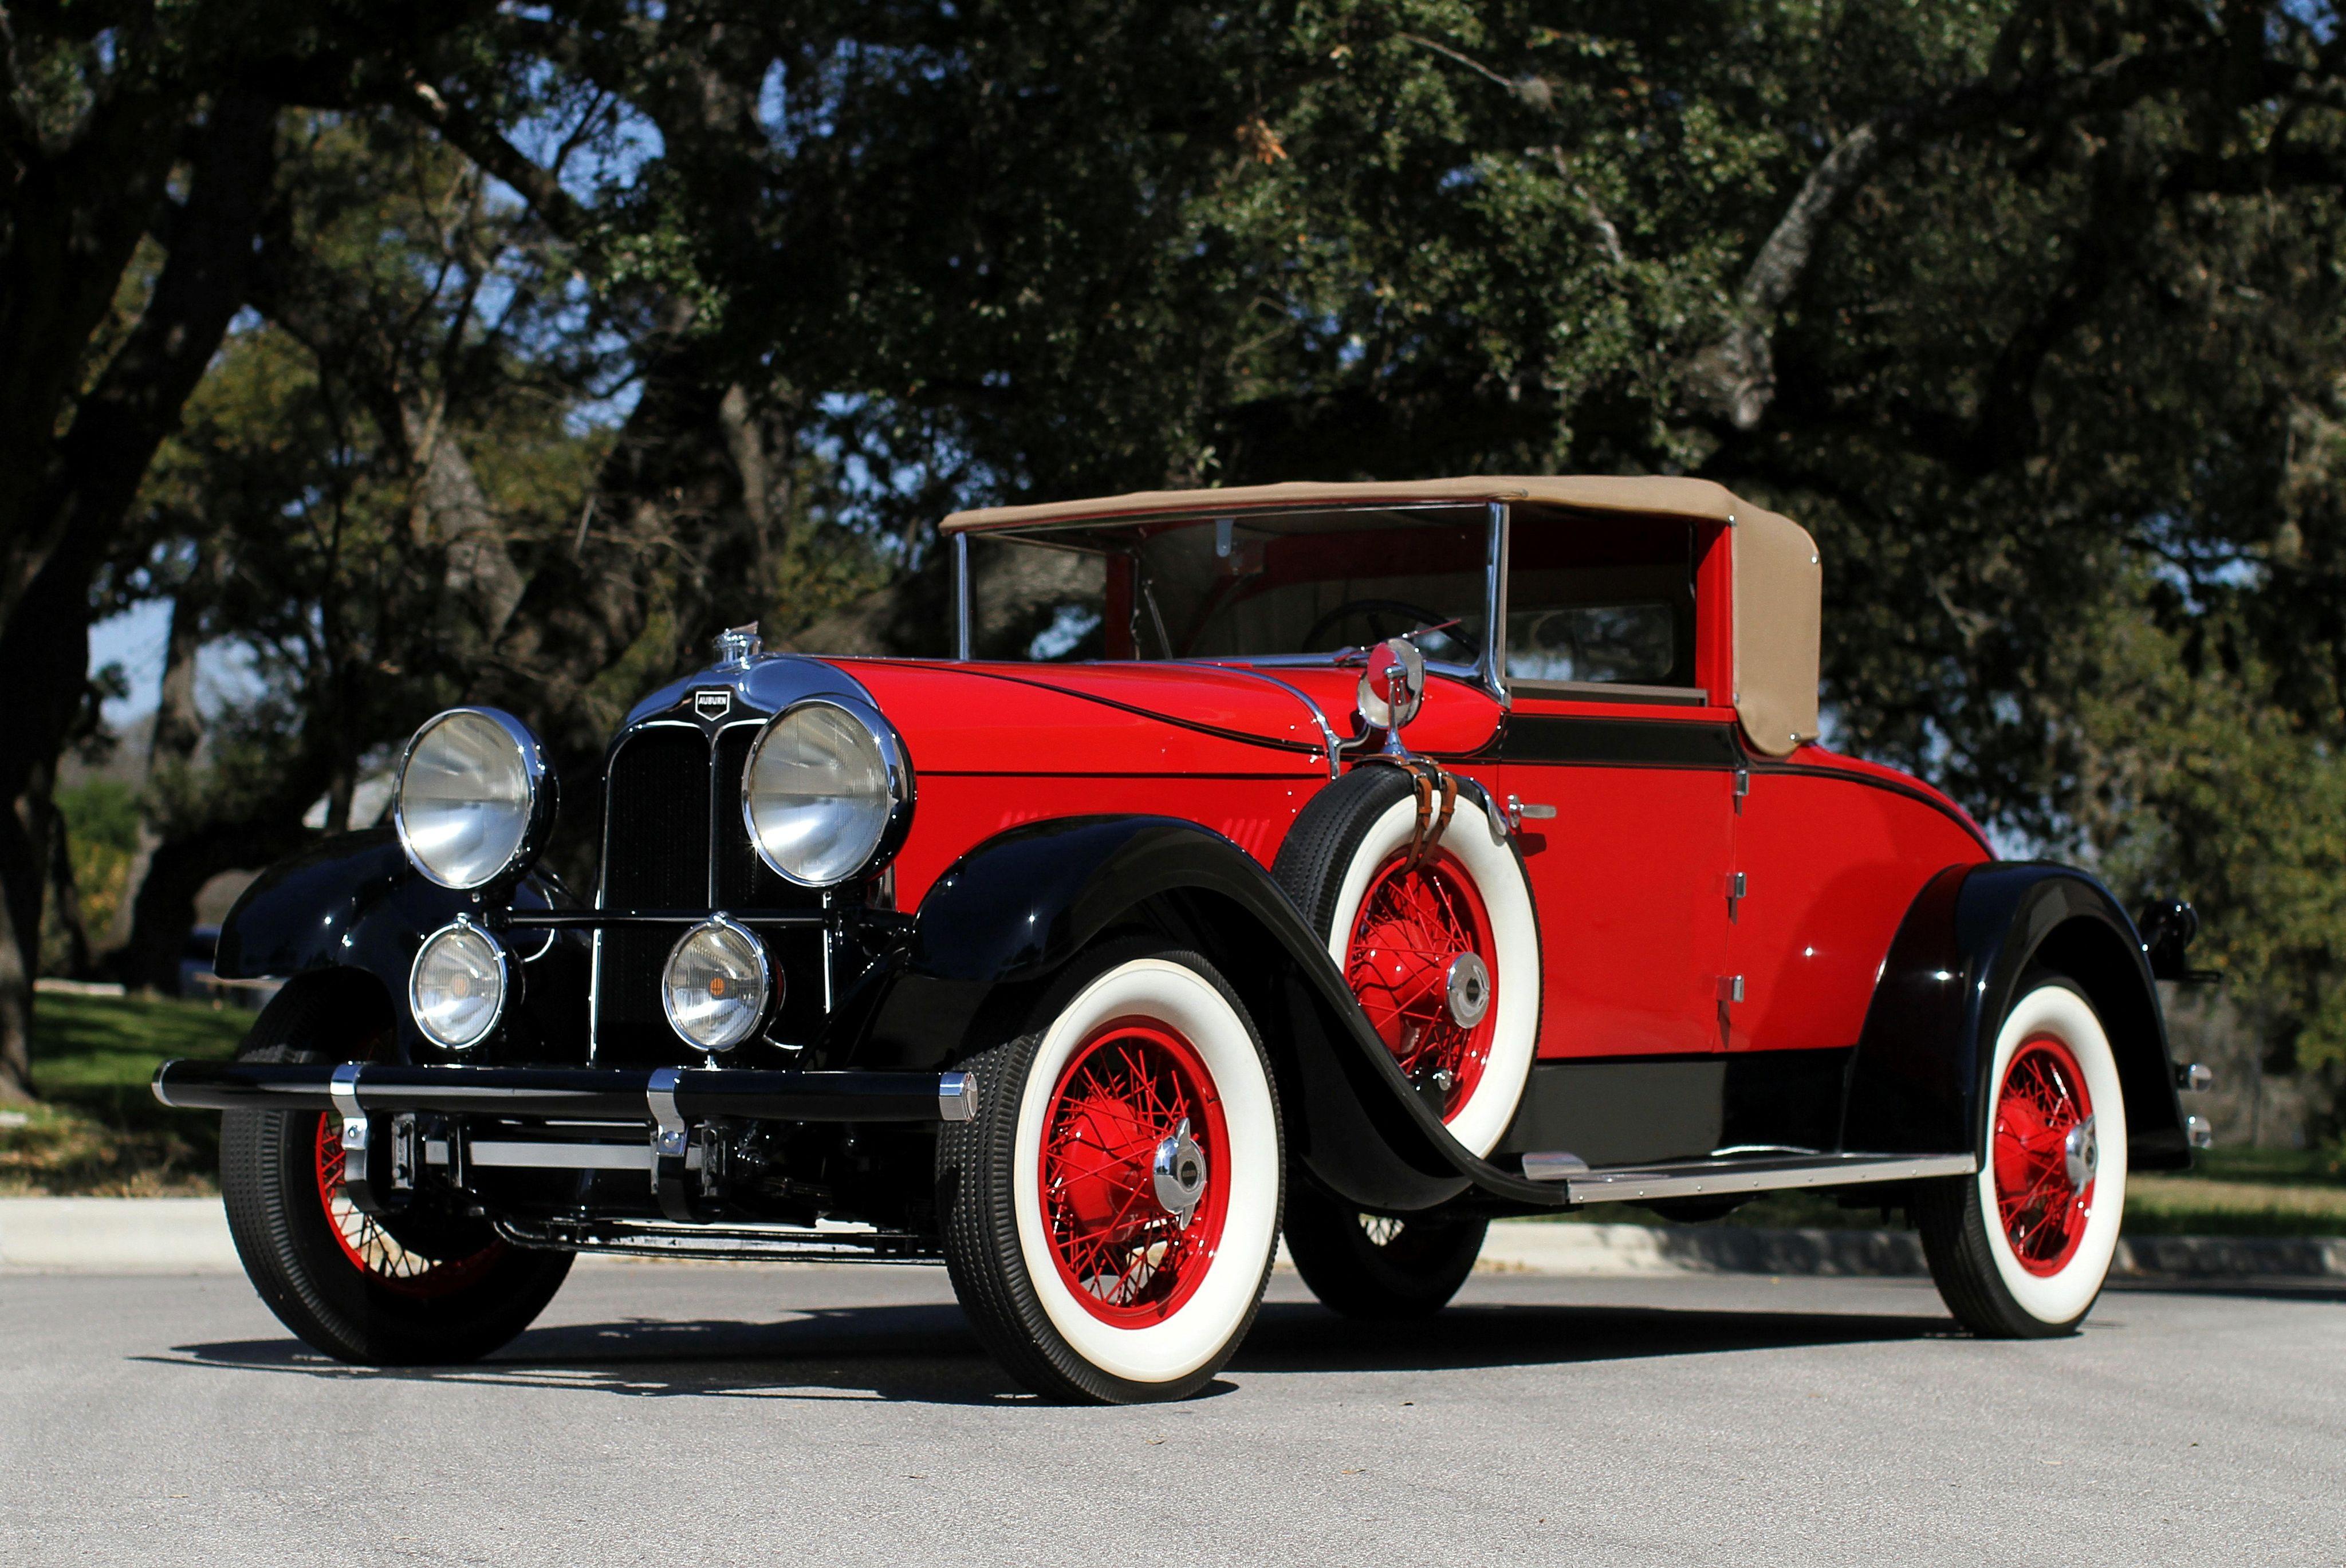 1928 Auburn 8-90 Convertible Coupe | Automobiles | Pinterest ...